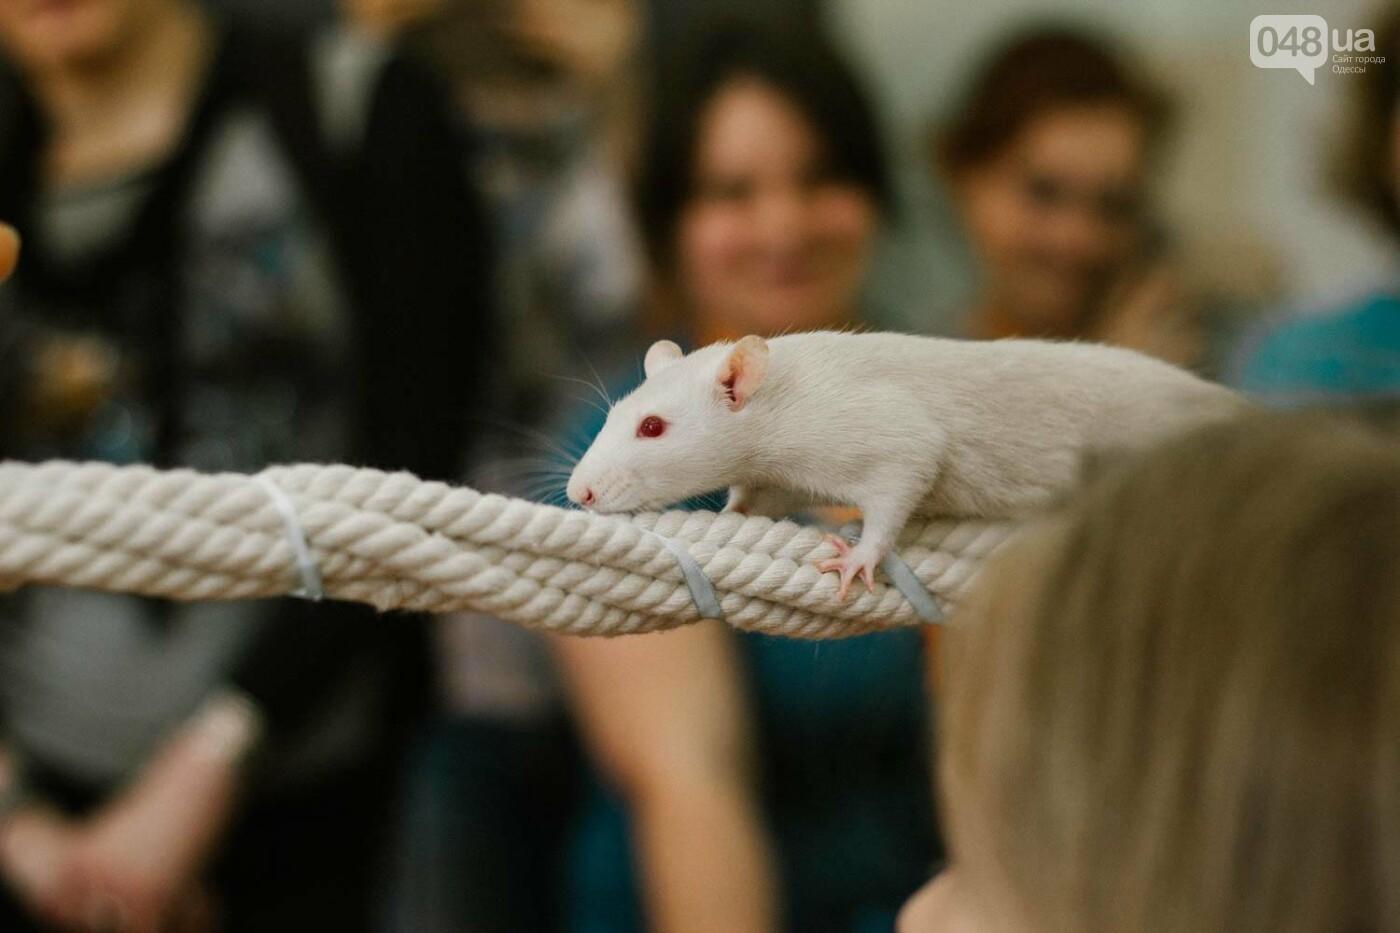 Канатоходцы, бегуны и модники: в Одессе крысам устроили необычный конкурс, - ФОТО, фото-3